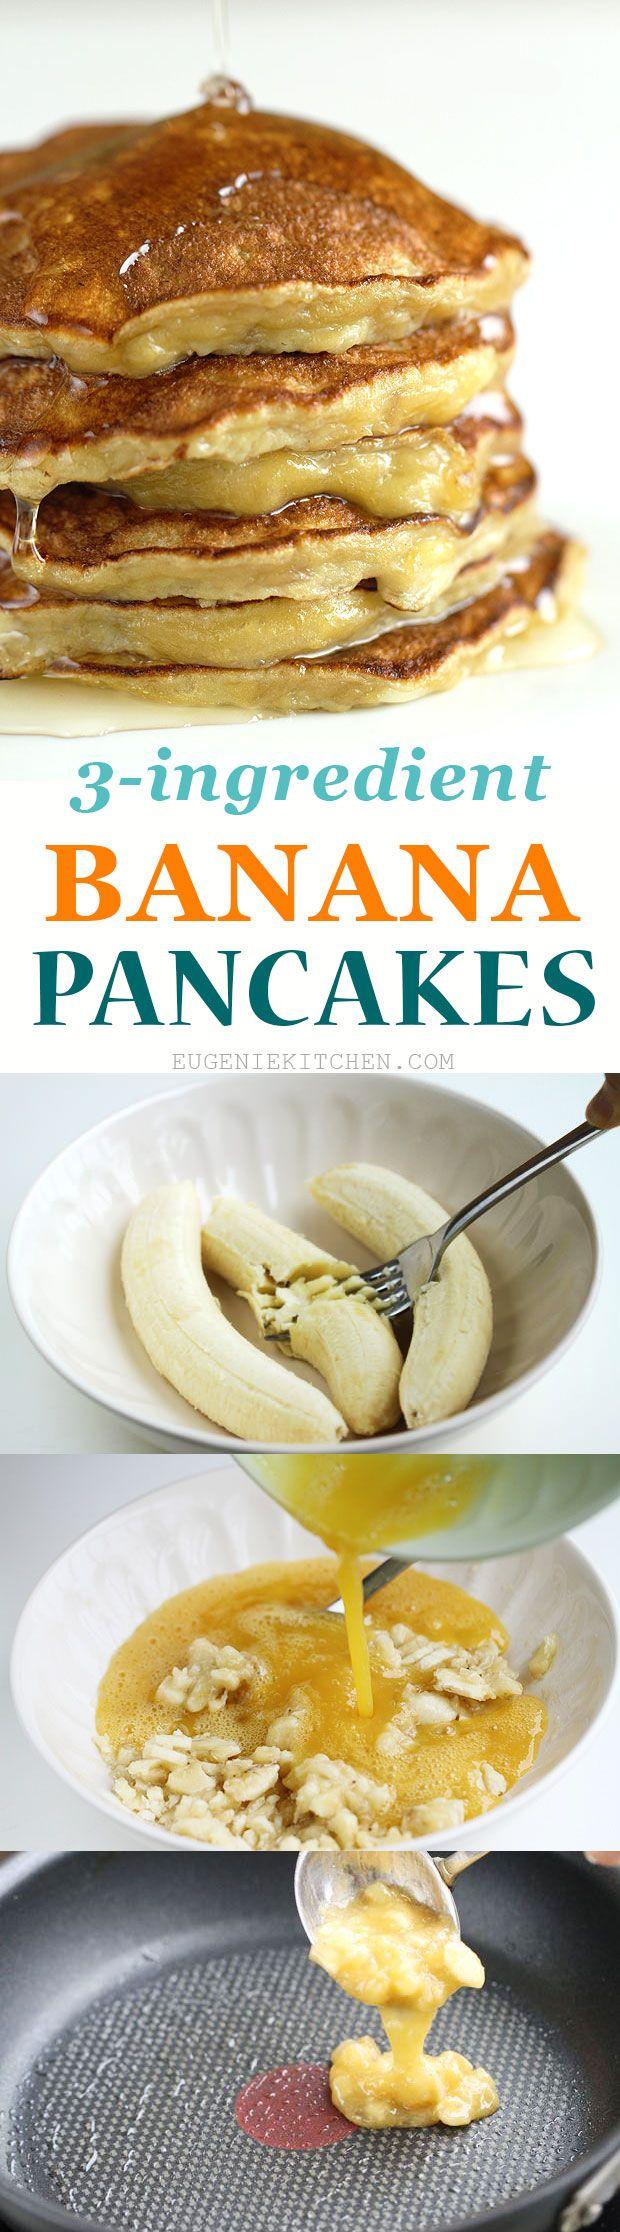 2 Bananen, 3 Eier, 1 Tasse Quark, (Haferflocken, Zimt, Kakao )